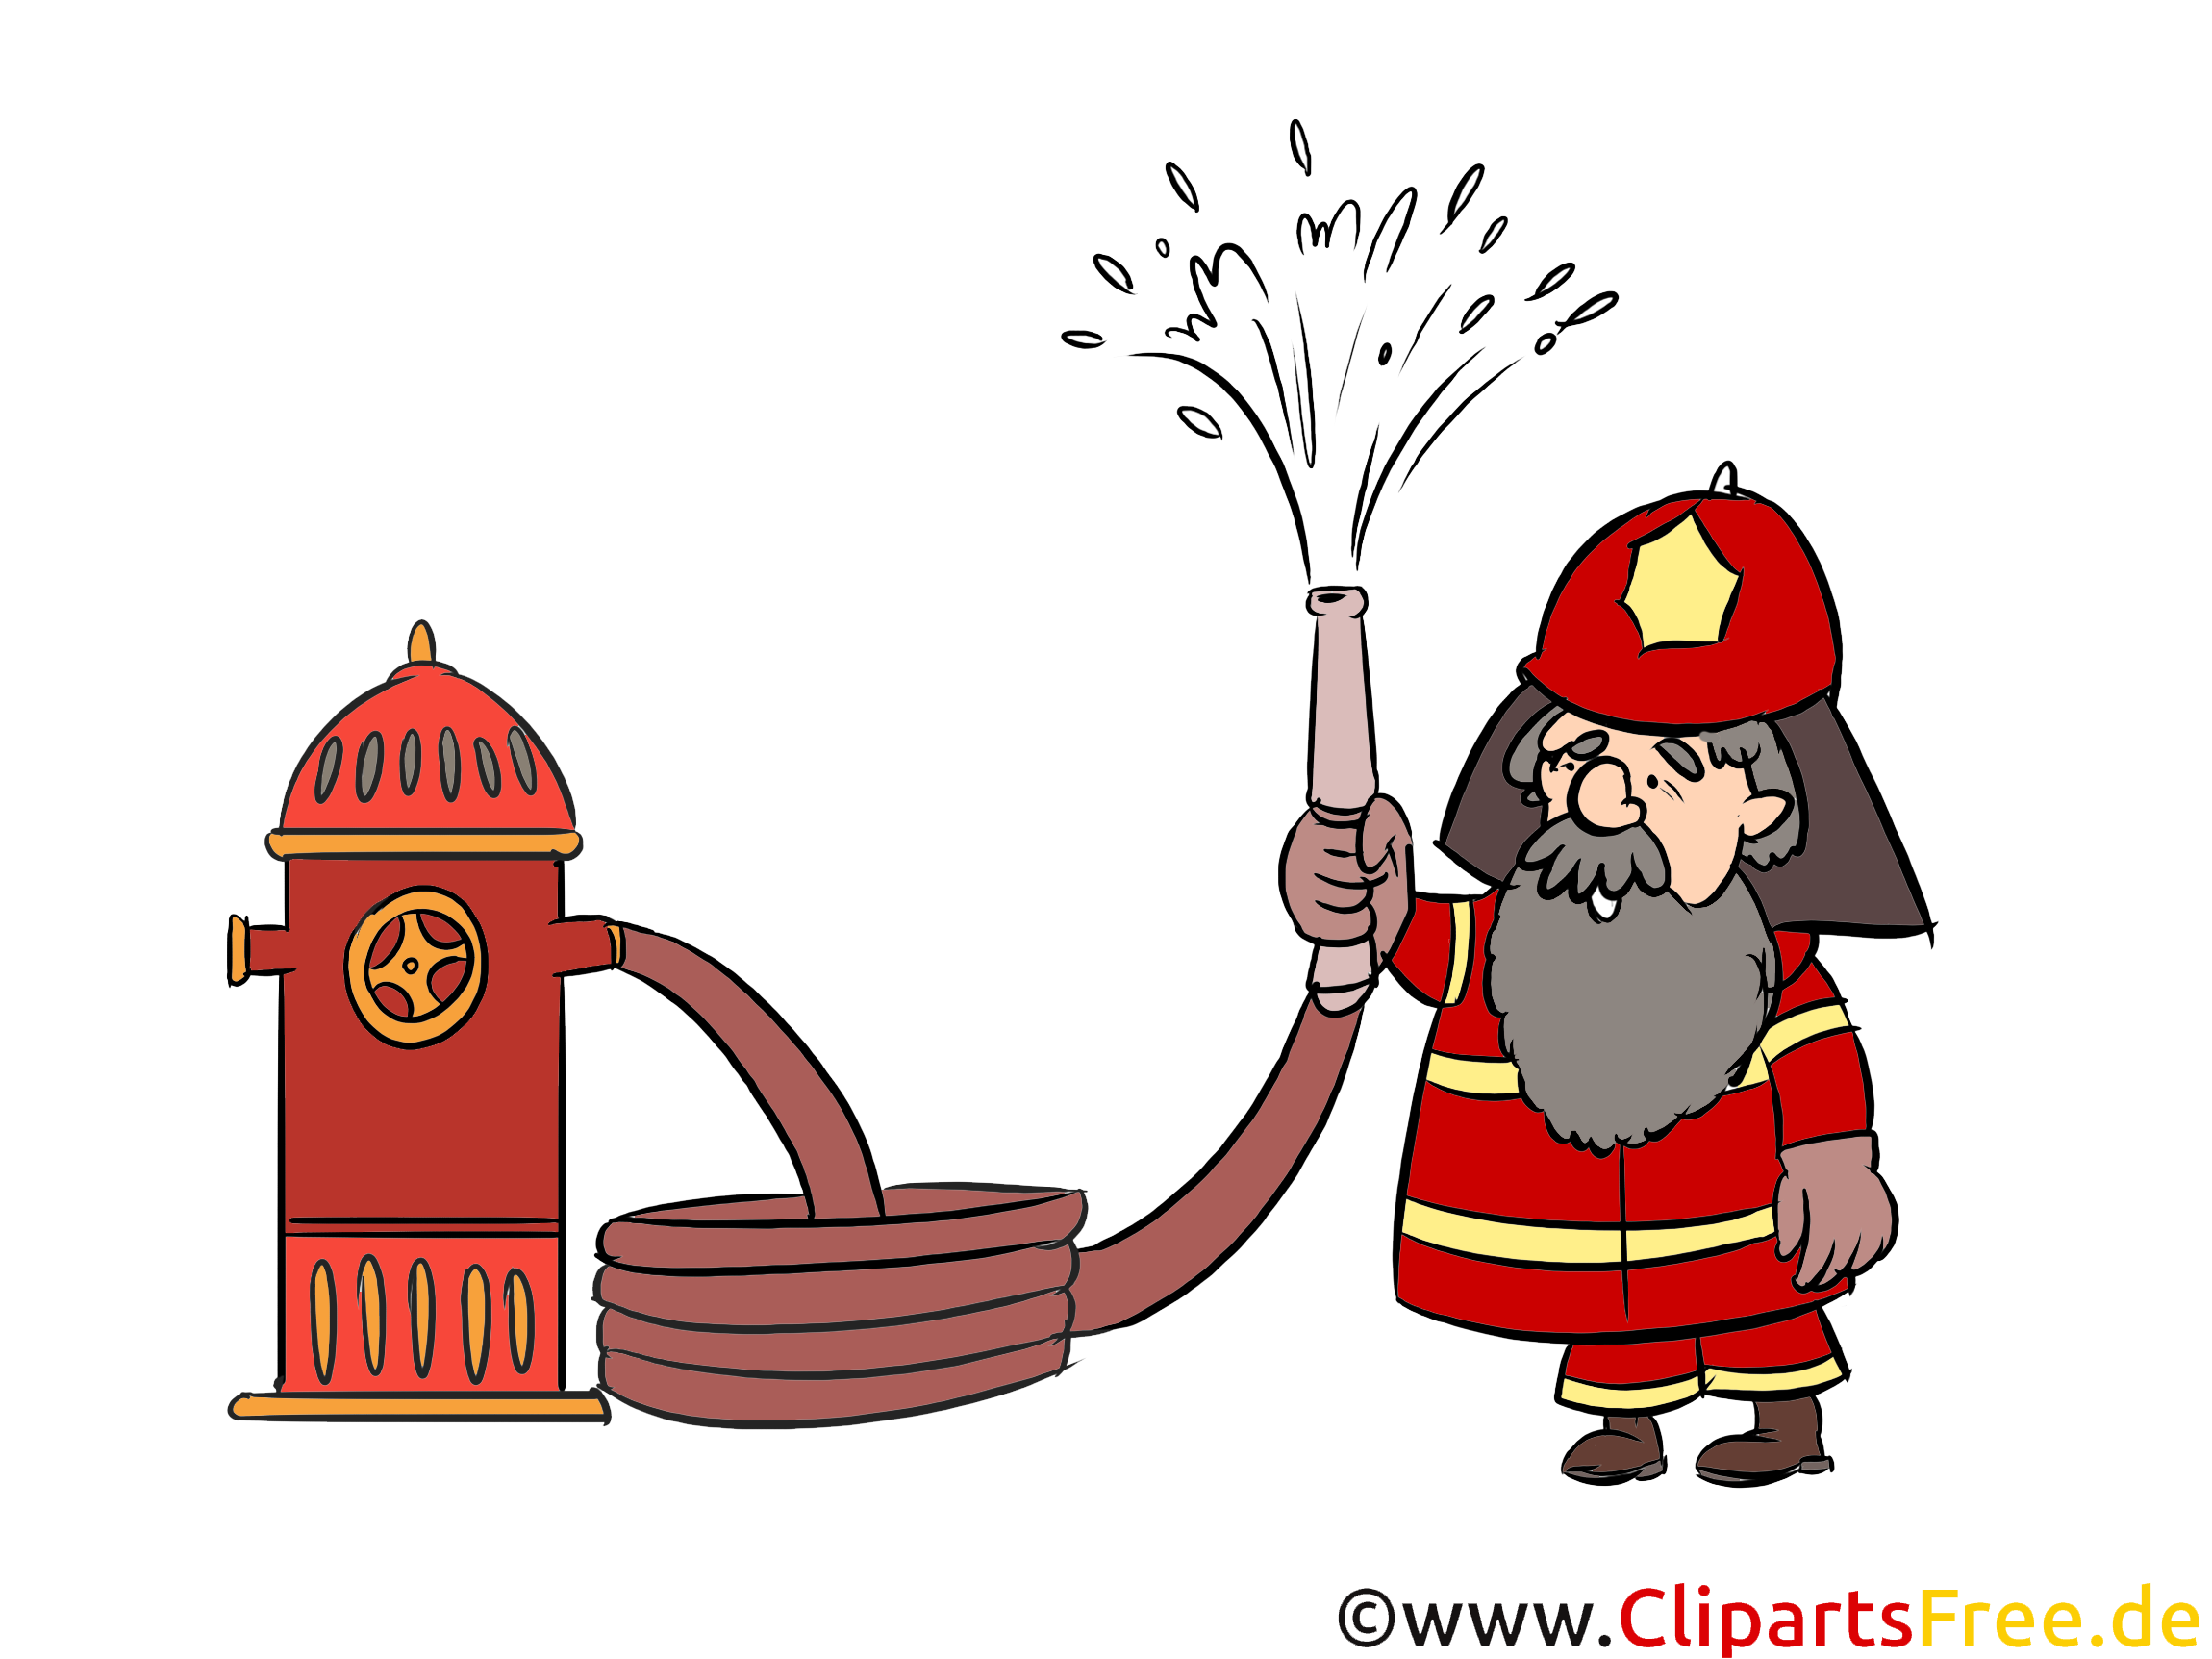 消防署の水スプレー、蛇口、図、コミック、漫画、イメージ